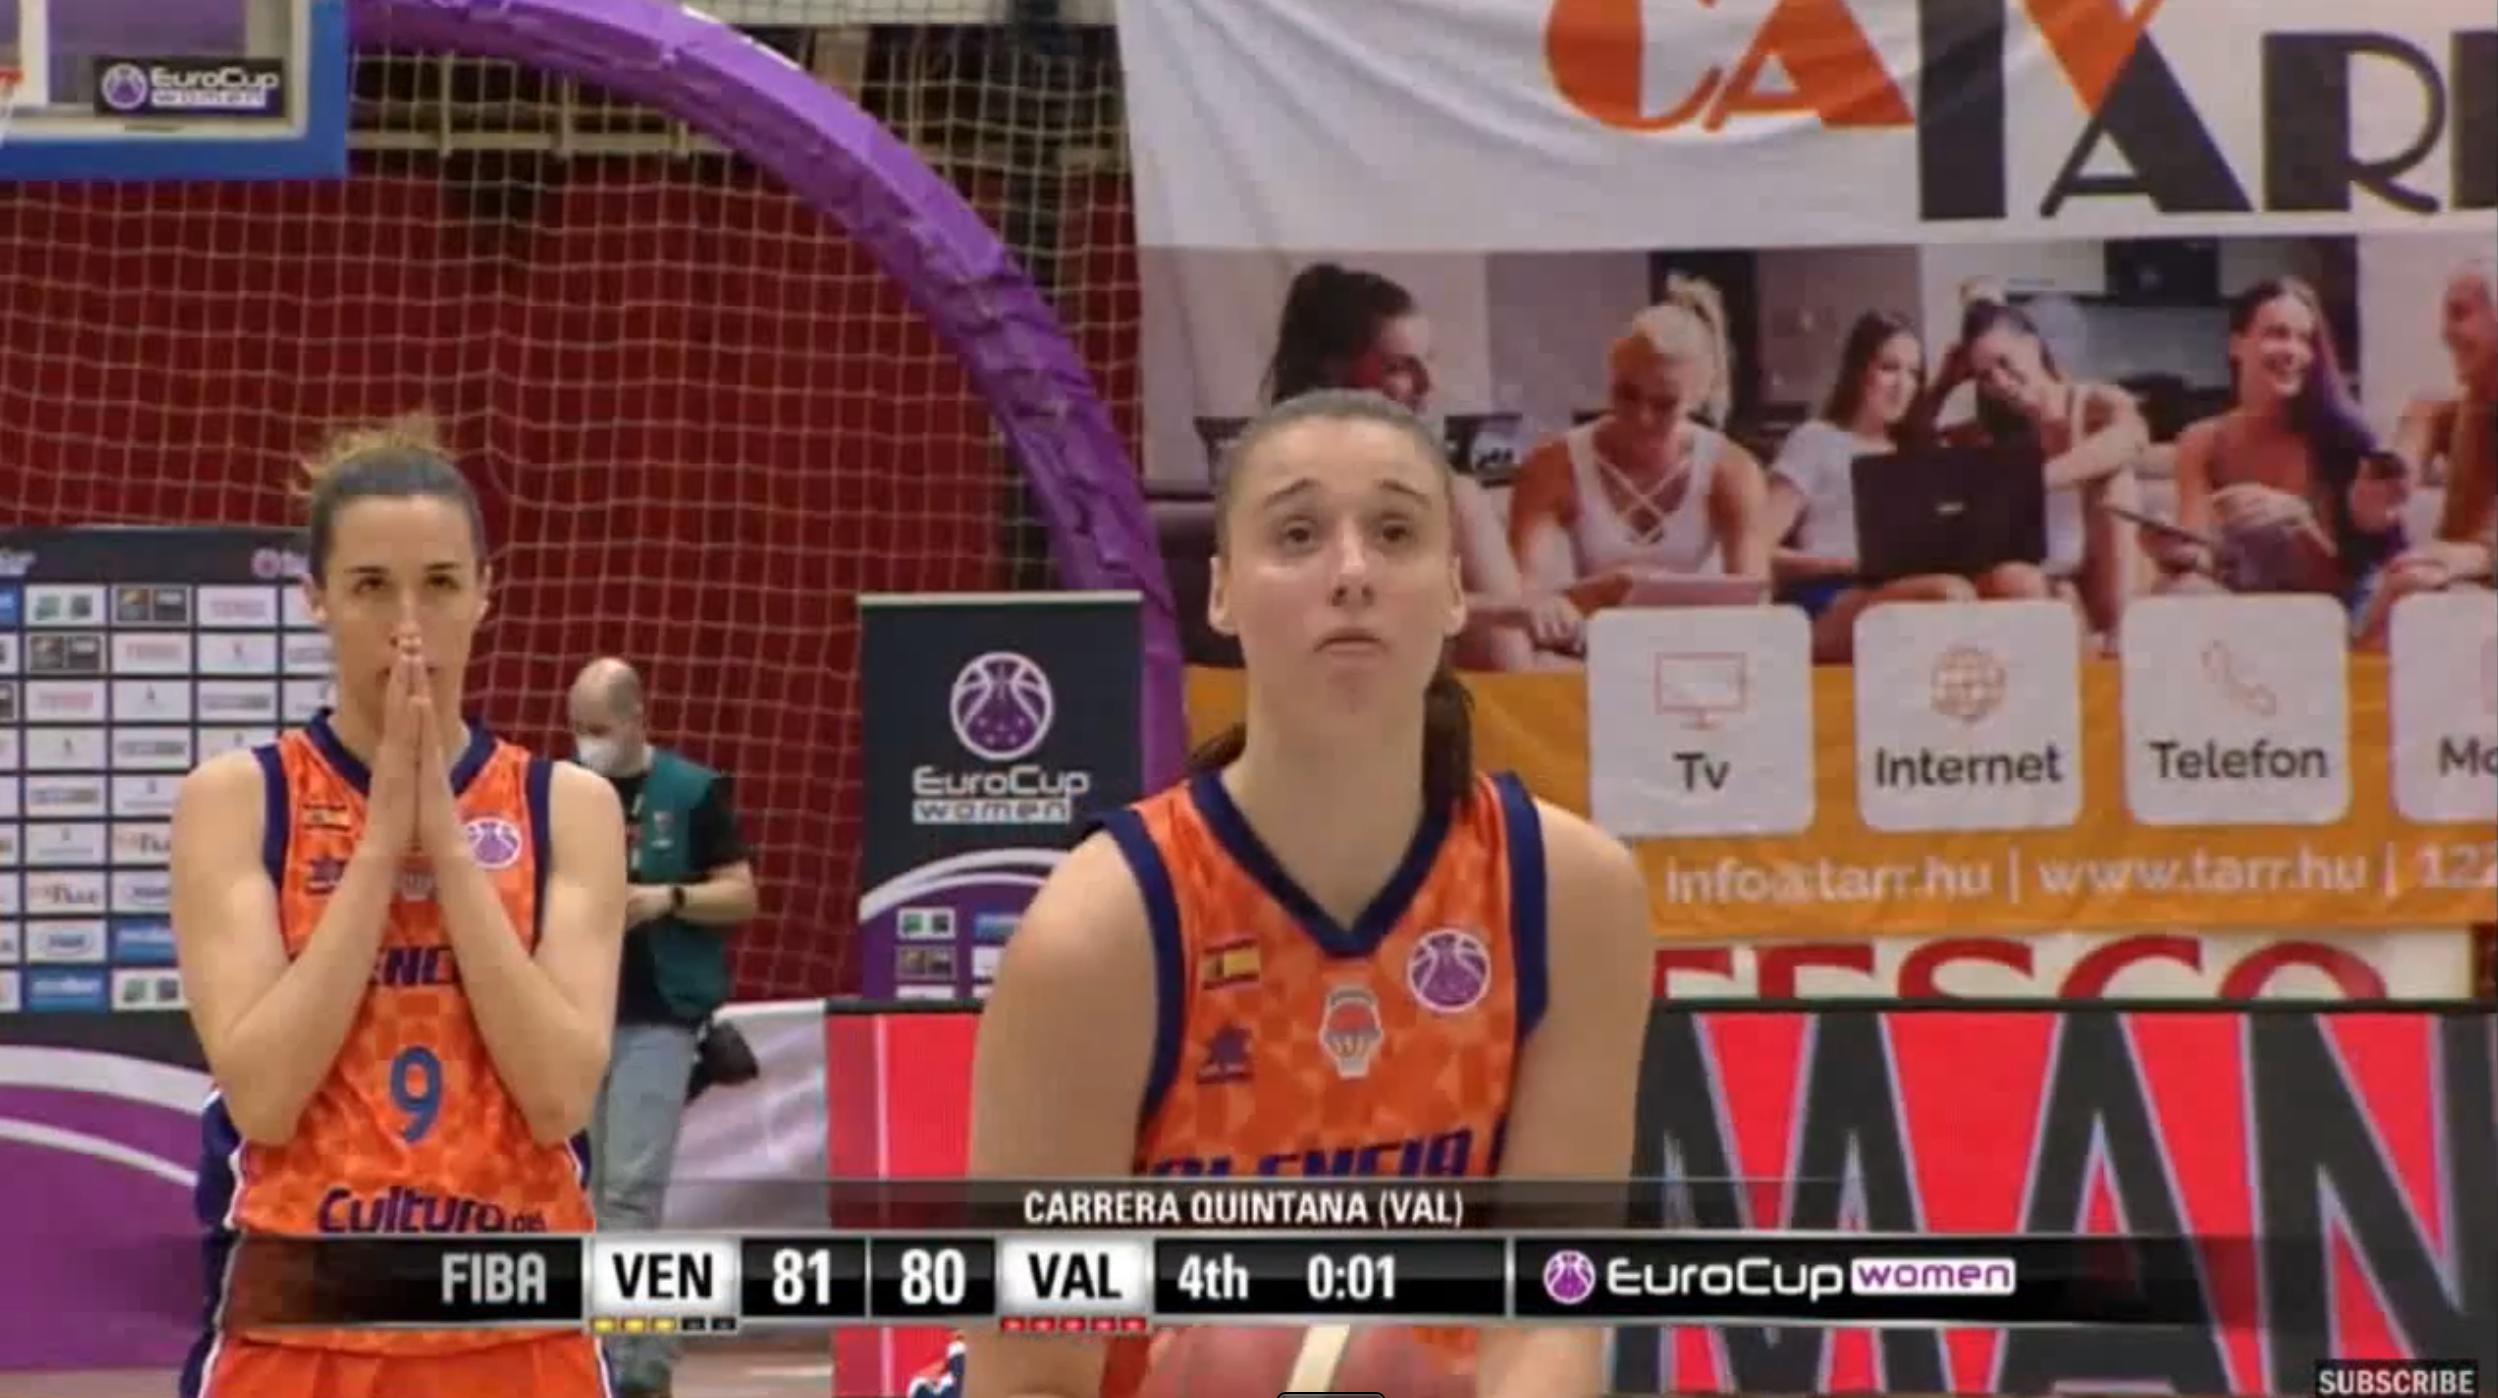 Raquel Carrera anotando los dos tiros libres ante la atenta mirada de Queralt Casas en la final de la Eurocup Women